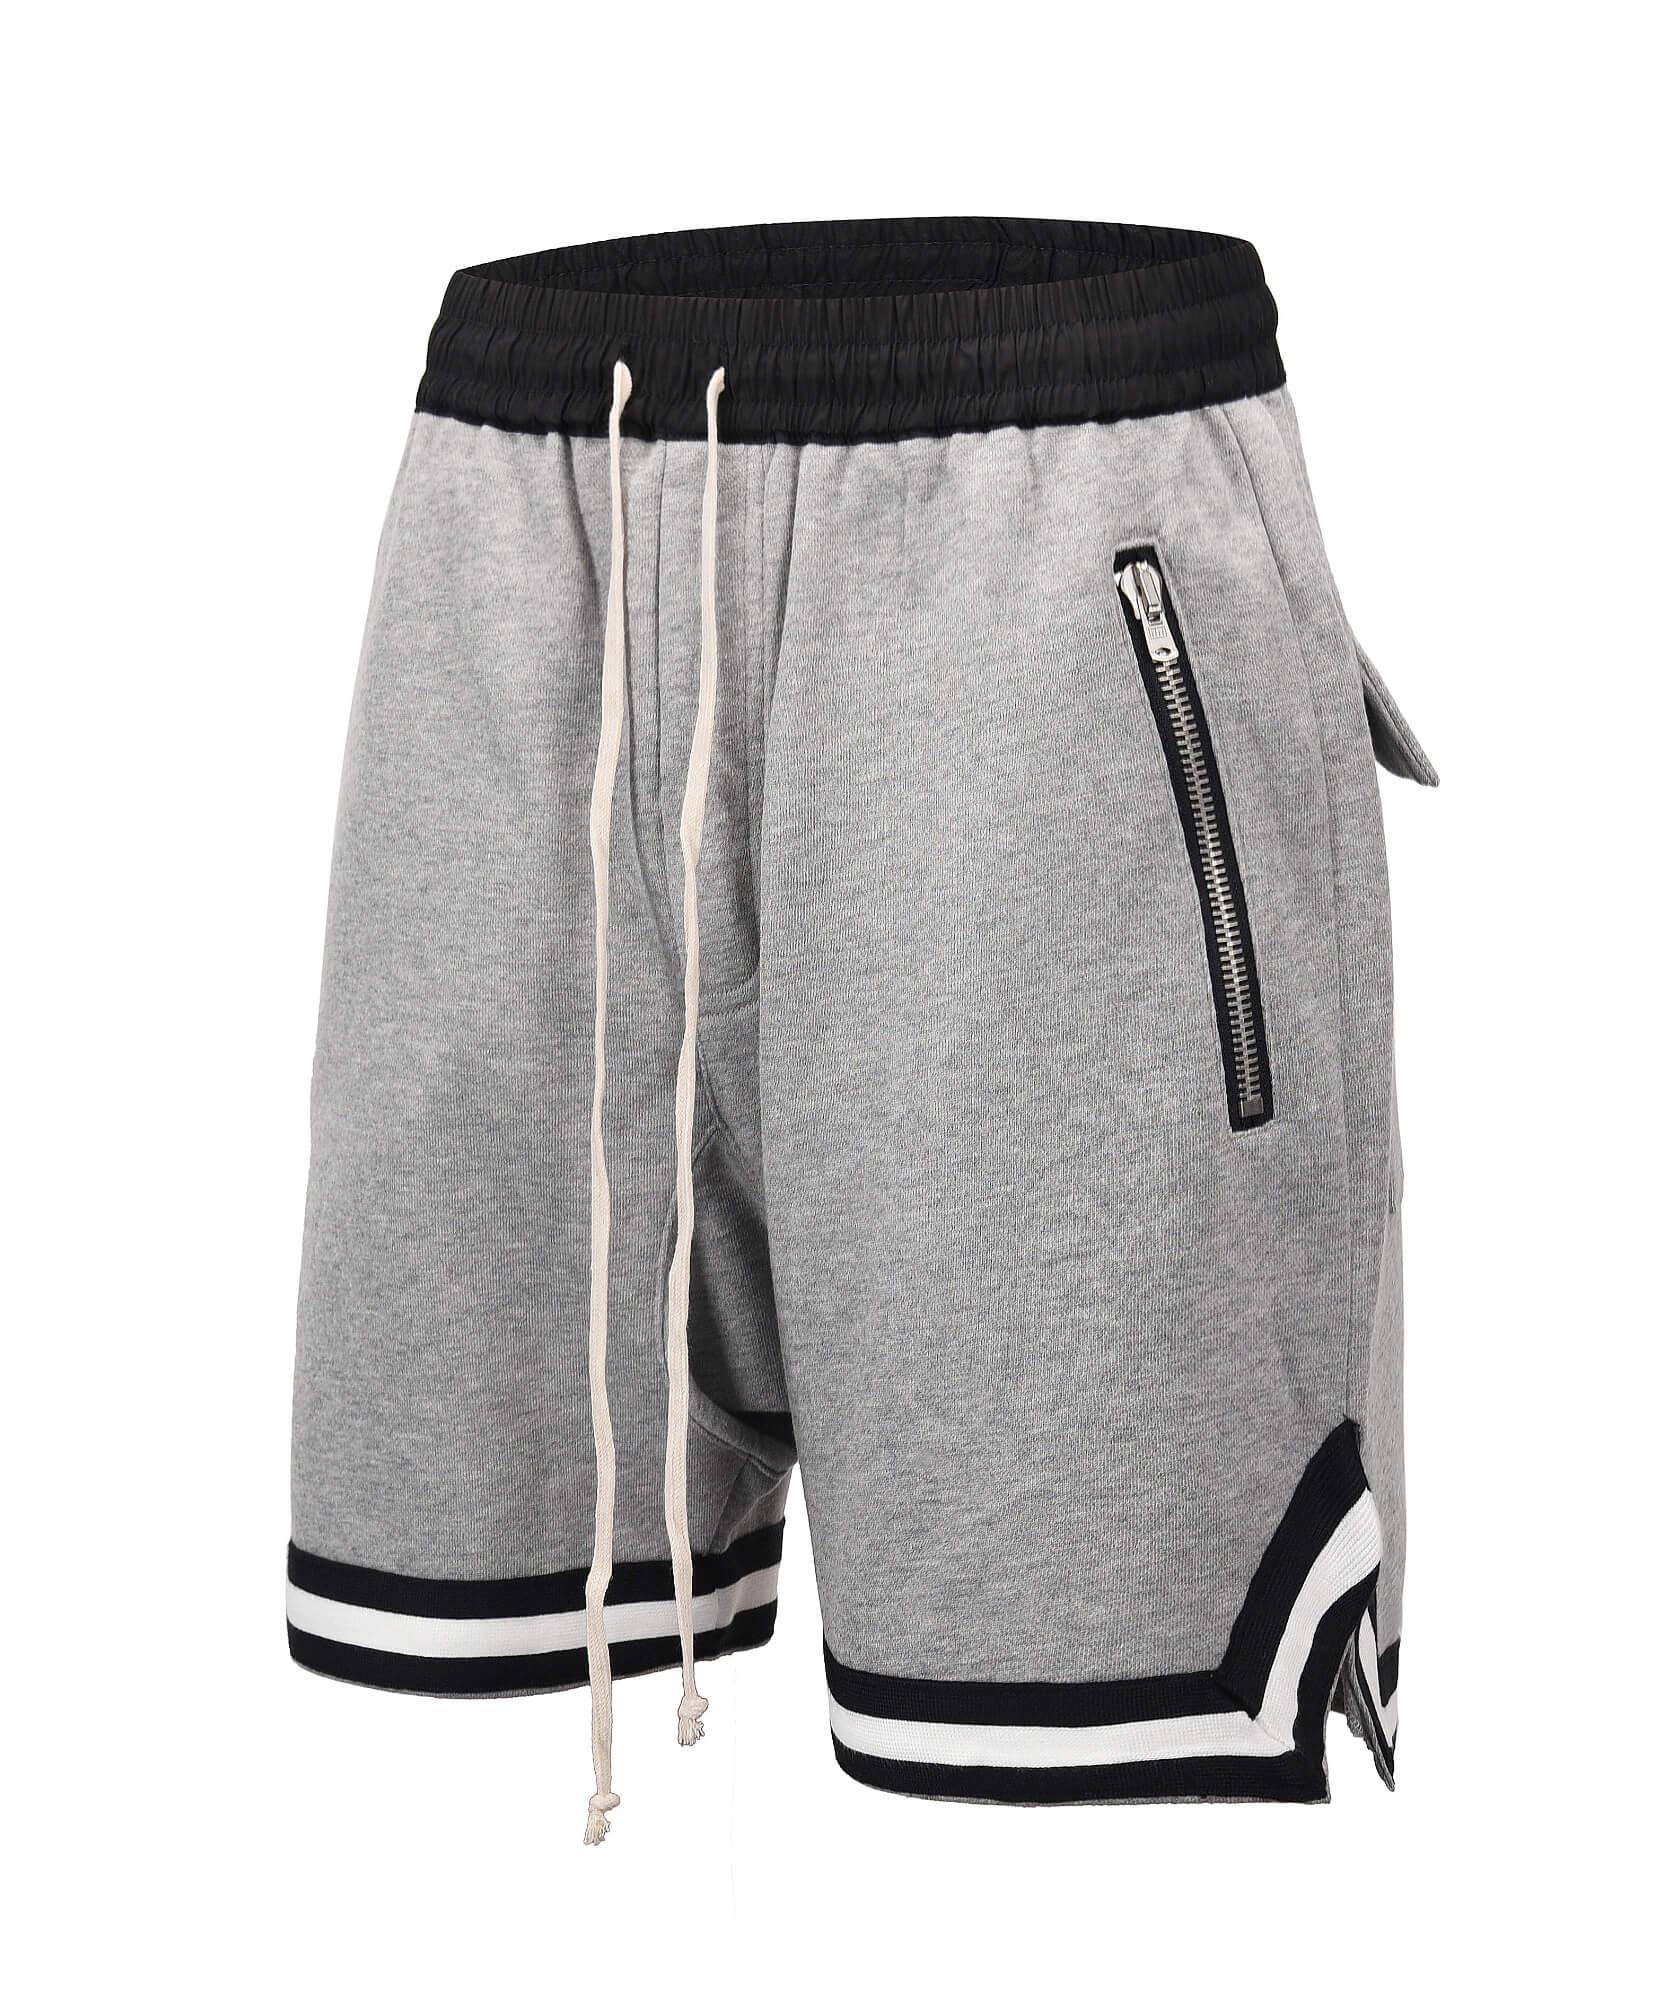 Drop Crotch Shorts V2 - Grey